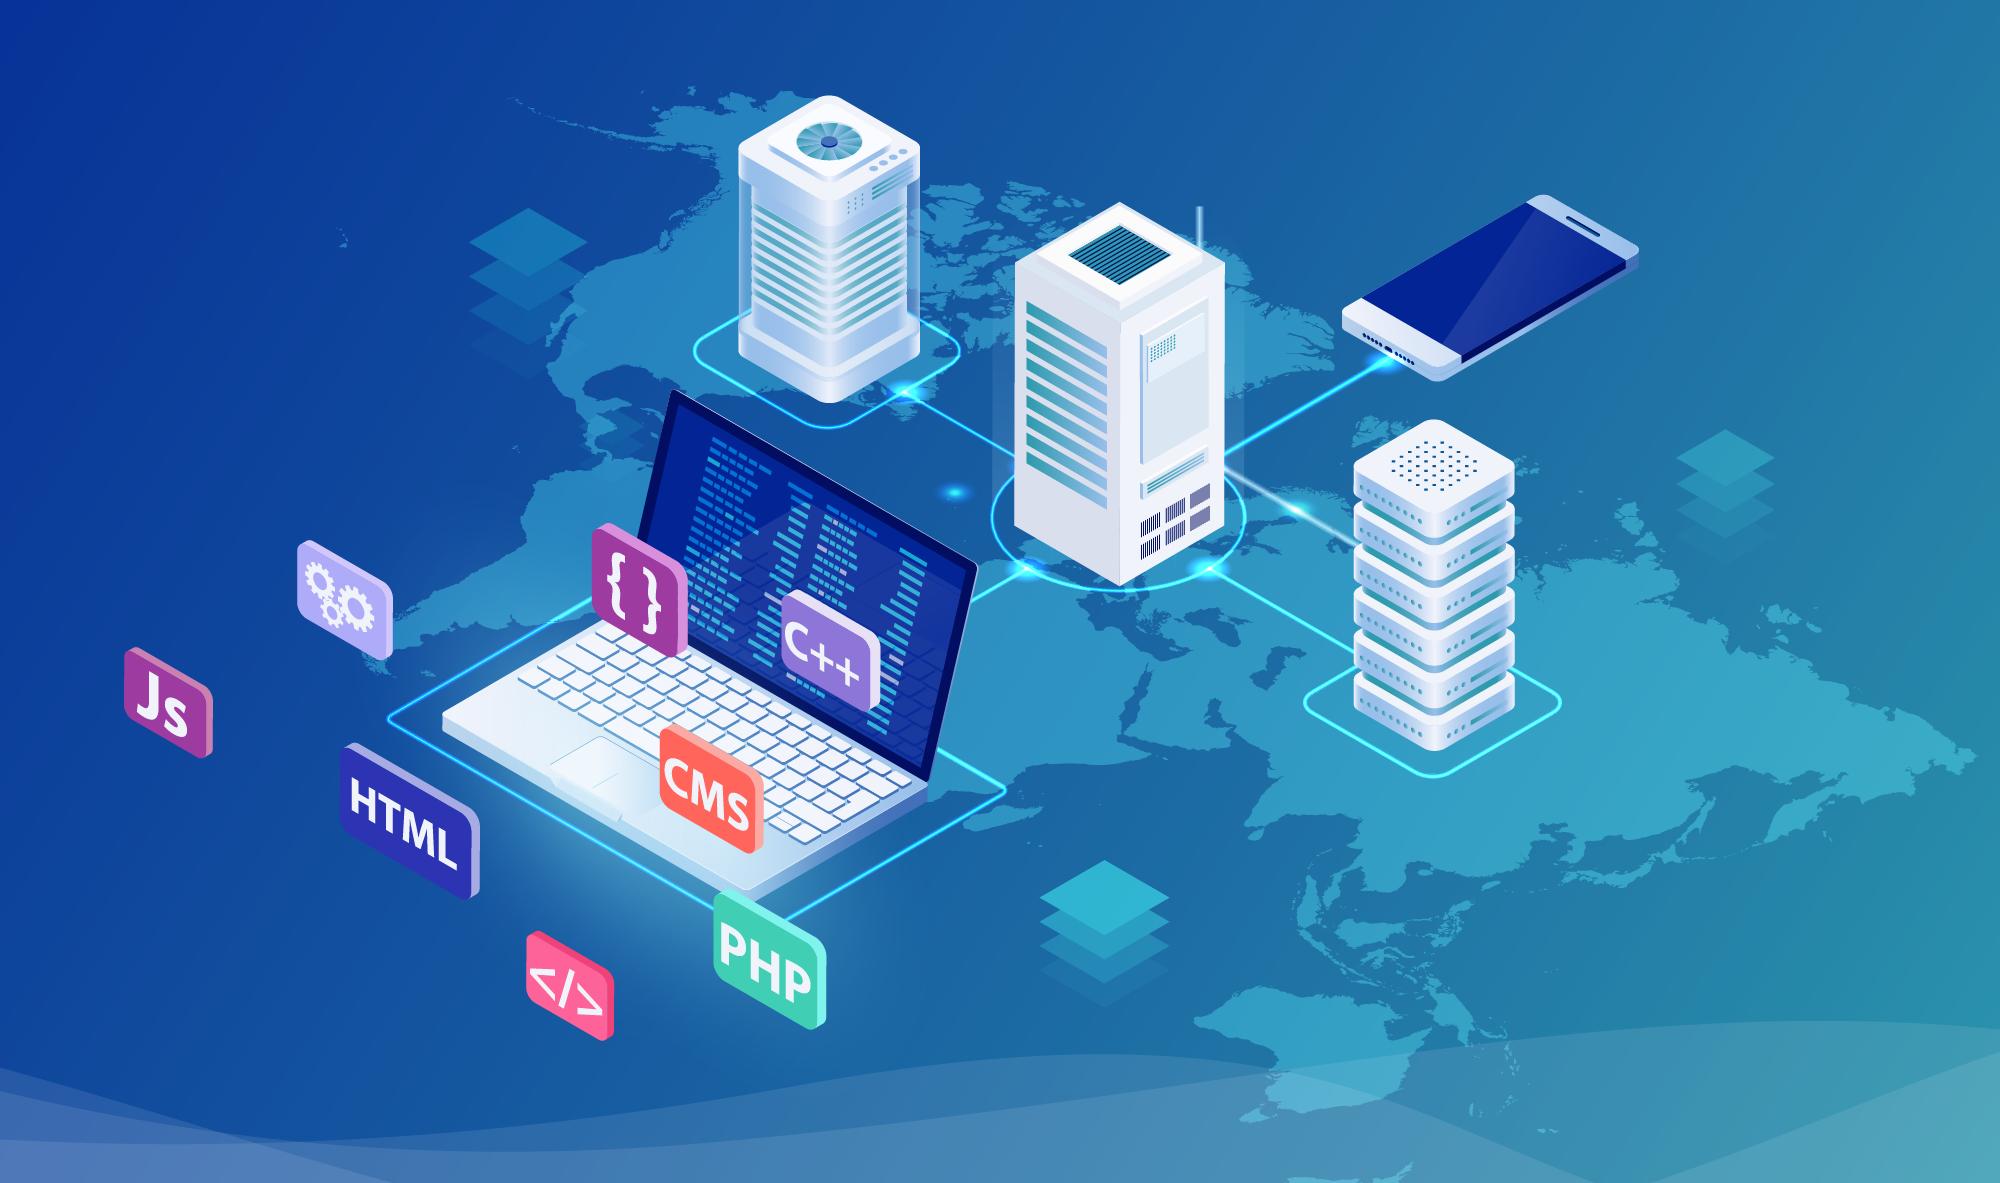 Les meilleurs services d'hébergement web en 2020 pour les petites entreprises